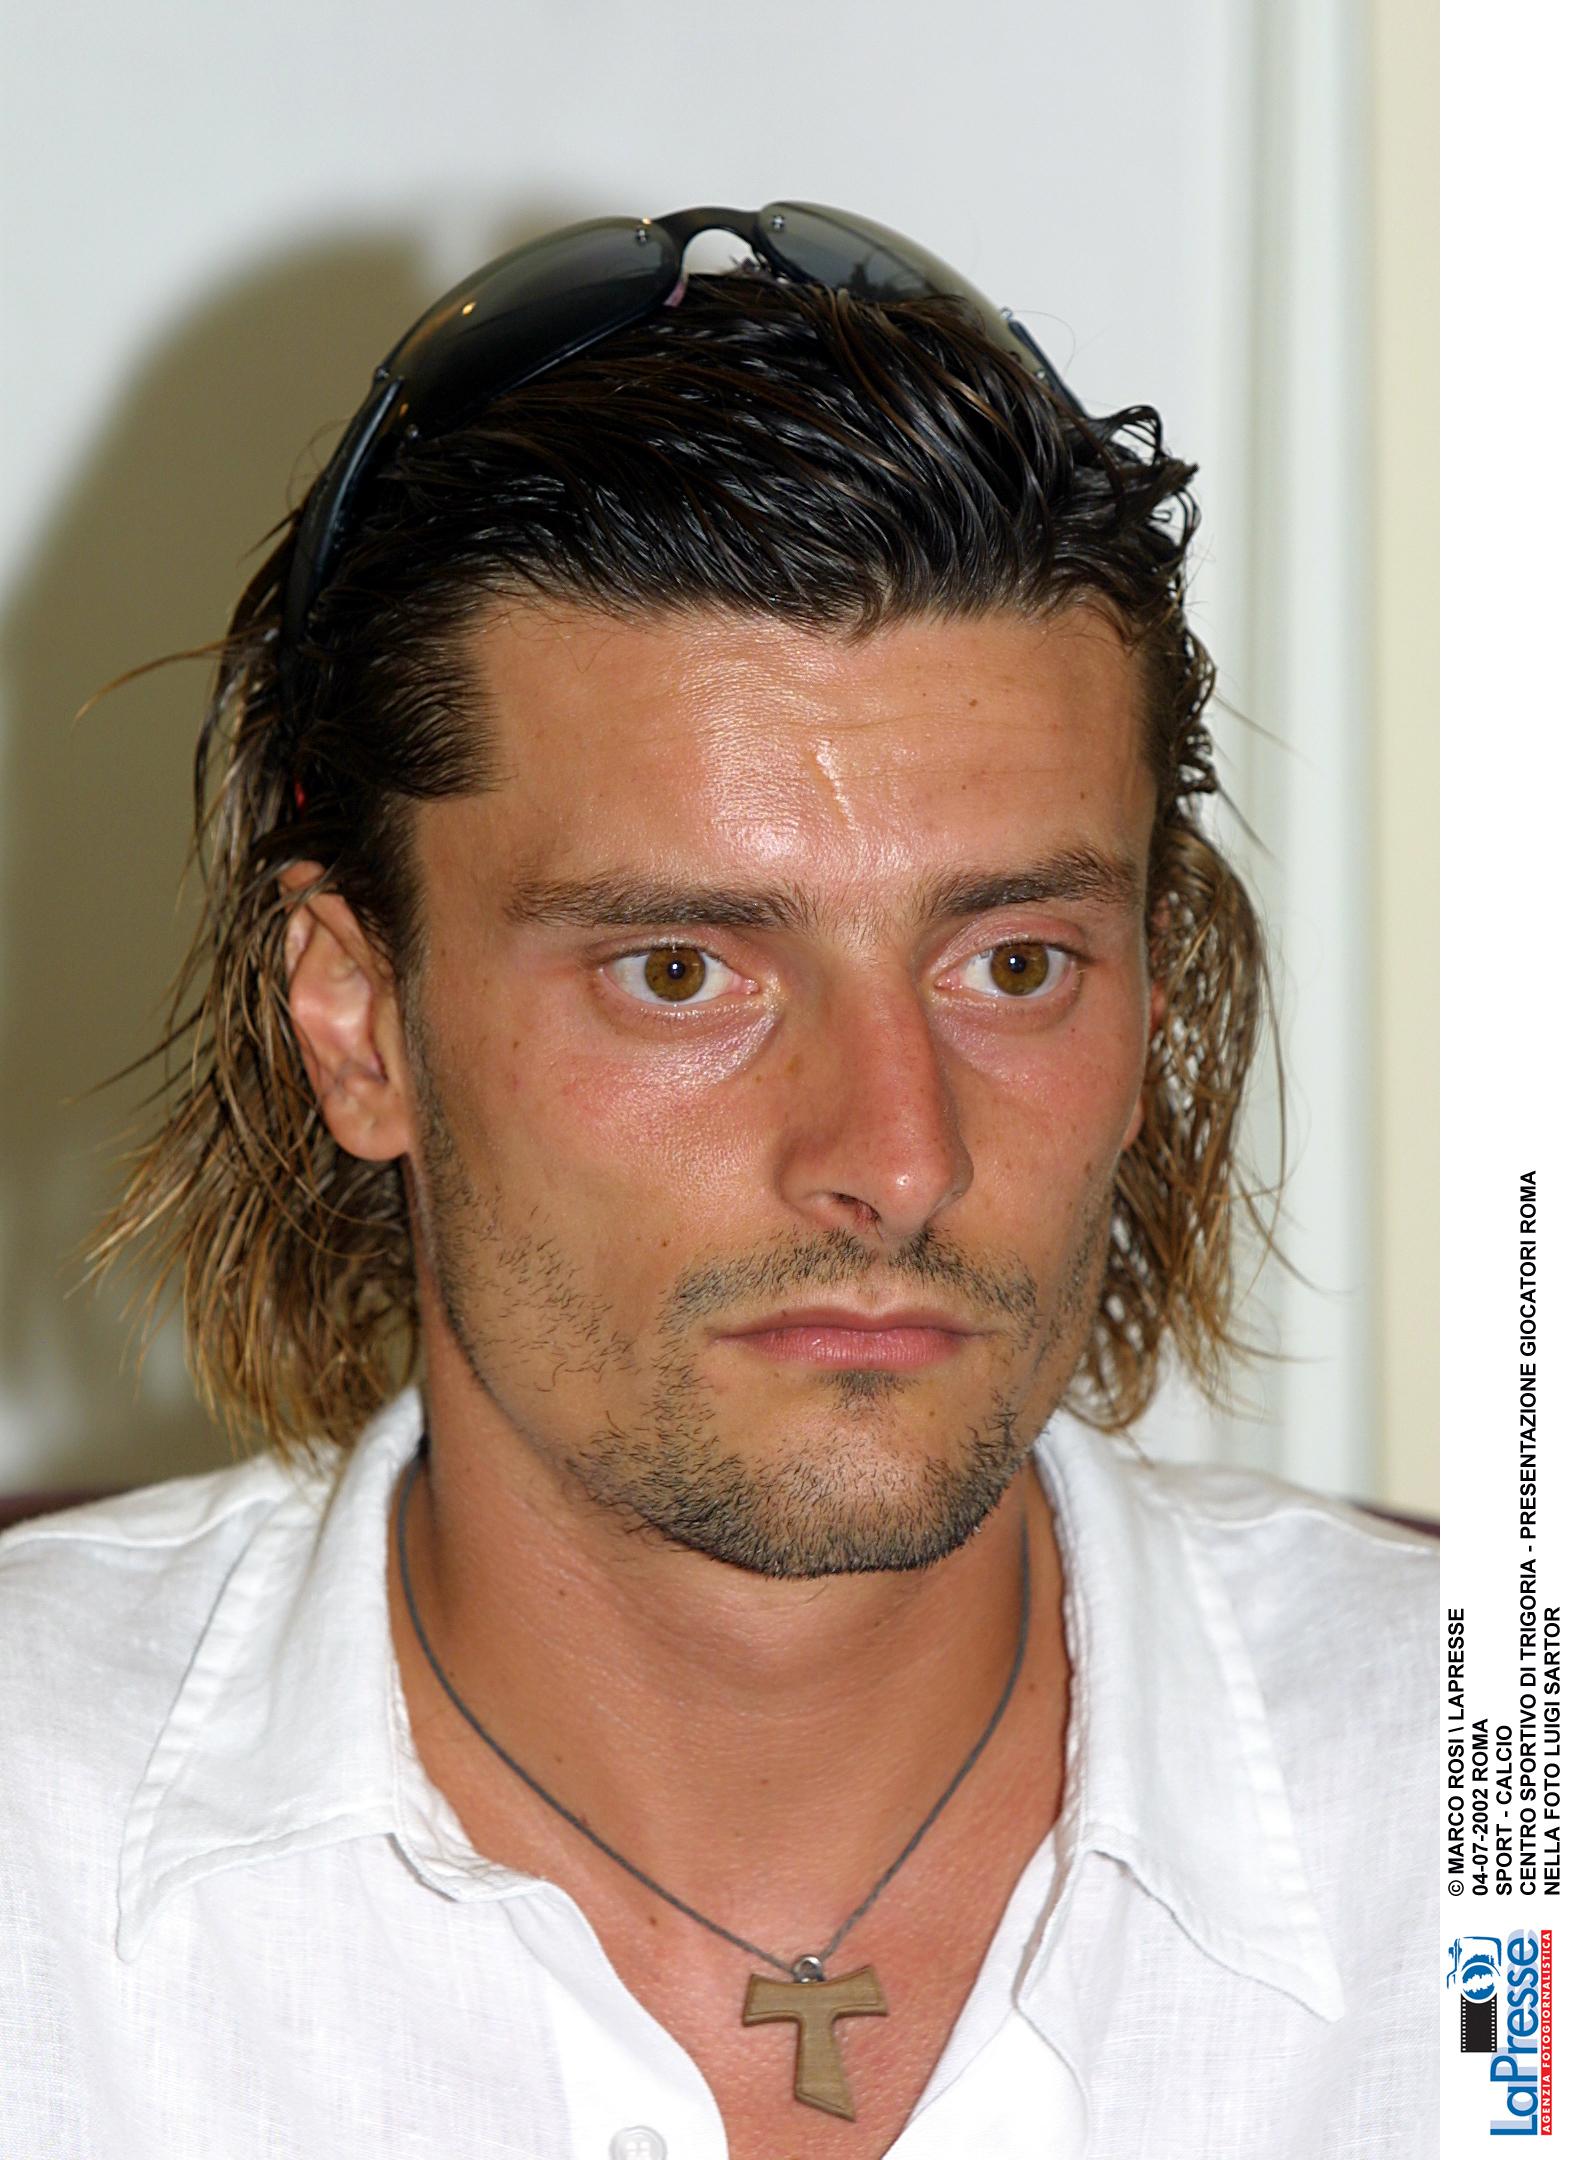 Coltivava marijuana nel parmense, arrestato ex calciatore Sartor